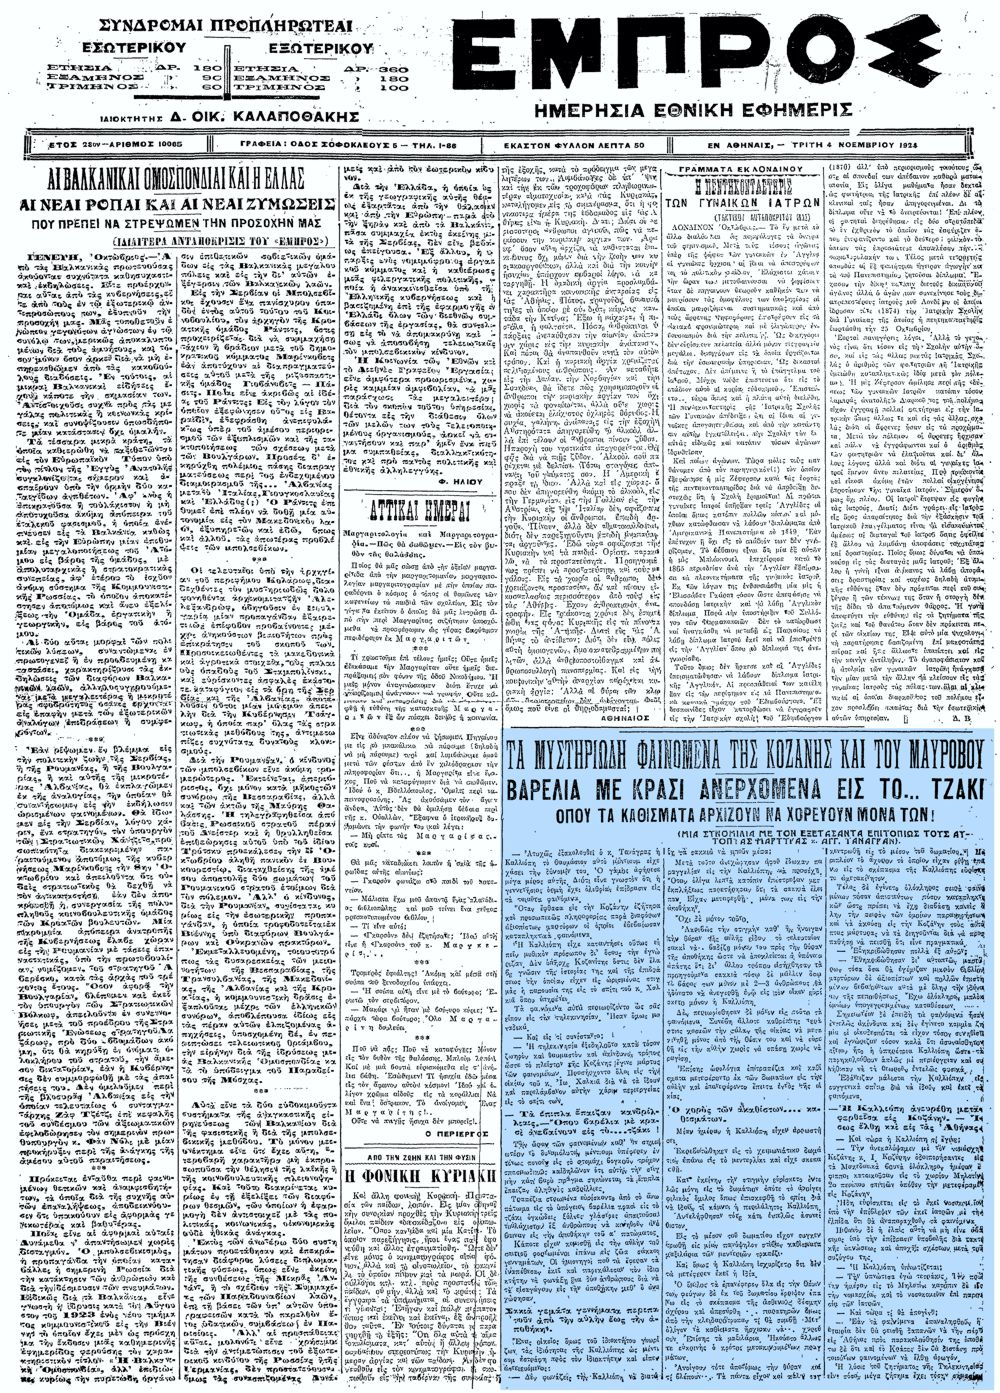 """Το άρθρο, όπως δημοσιεύθηκε στην εφημερίδα """"ΕΜΠΡΟΣ"""", στις 04/11/1924"""